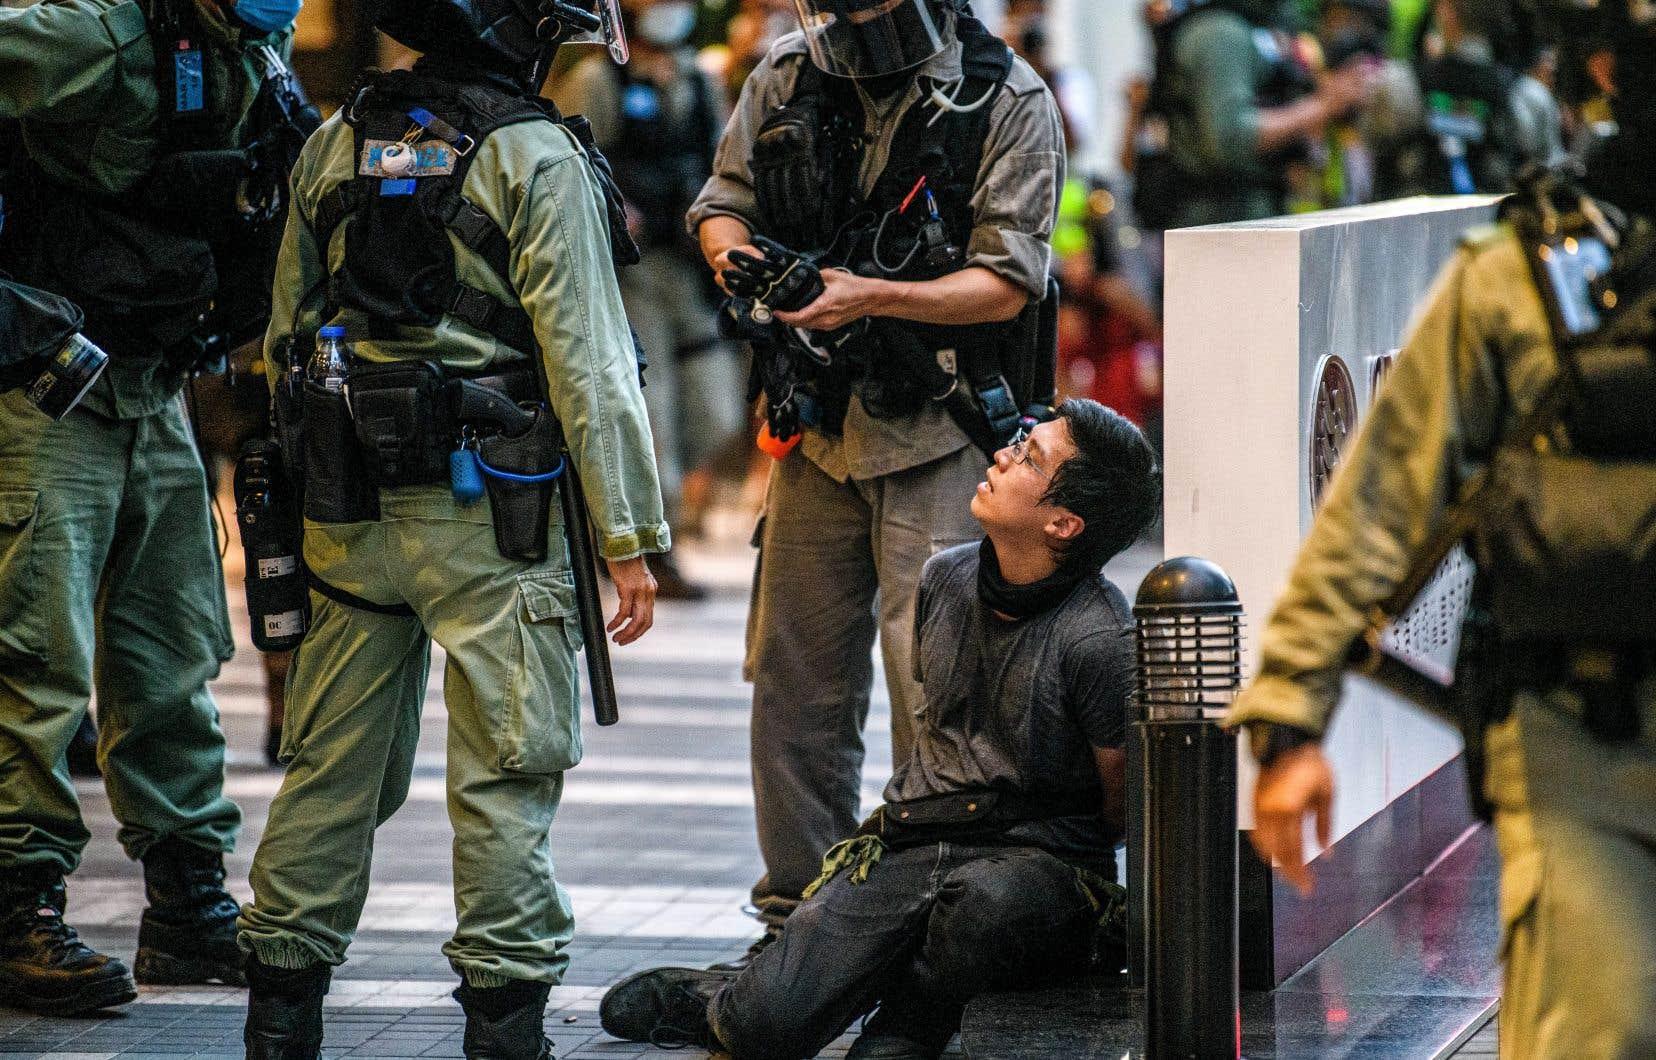 Au terme des célébrations qui ont dégénéré, 300 personnes ont été arrêtées par la police, qui déplore de son côté un agent blessé. Parmi les gens interpellés, neuf l'ont été pour violation présumée de la nouvelle loi sur la sécurité nationale.